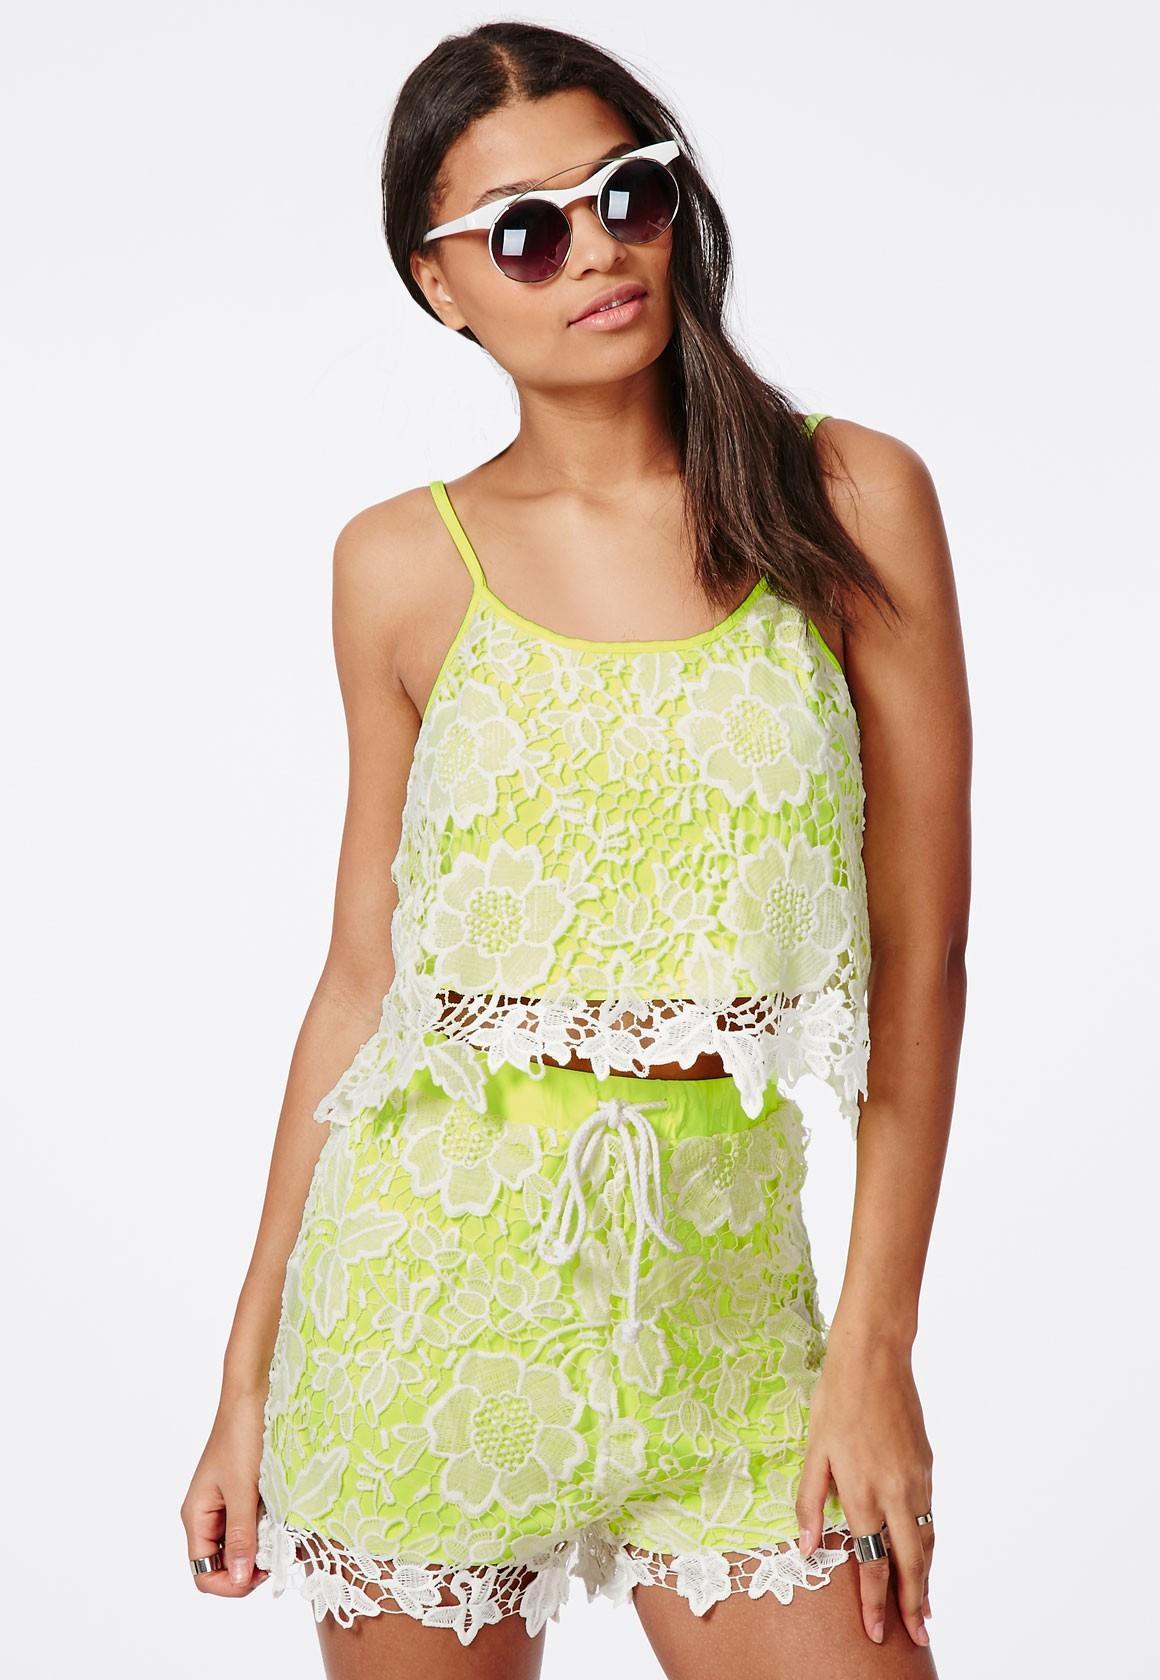 Jusqu'à 78% de réduction sur une sélection de vêtements pour femme - Ex : Caraco en crochet à doublure vert fluo